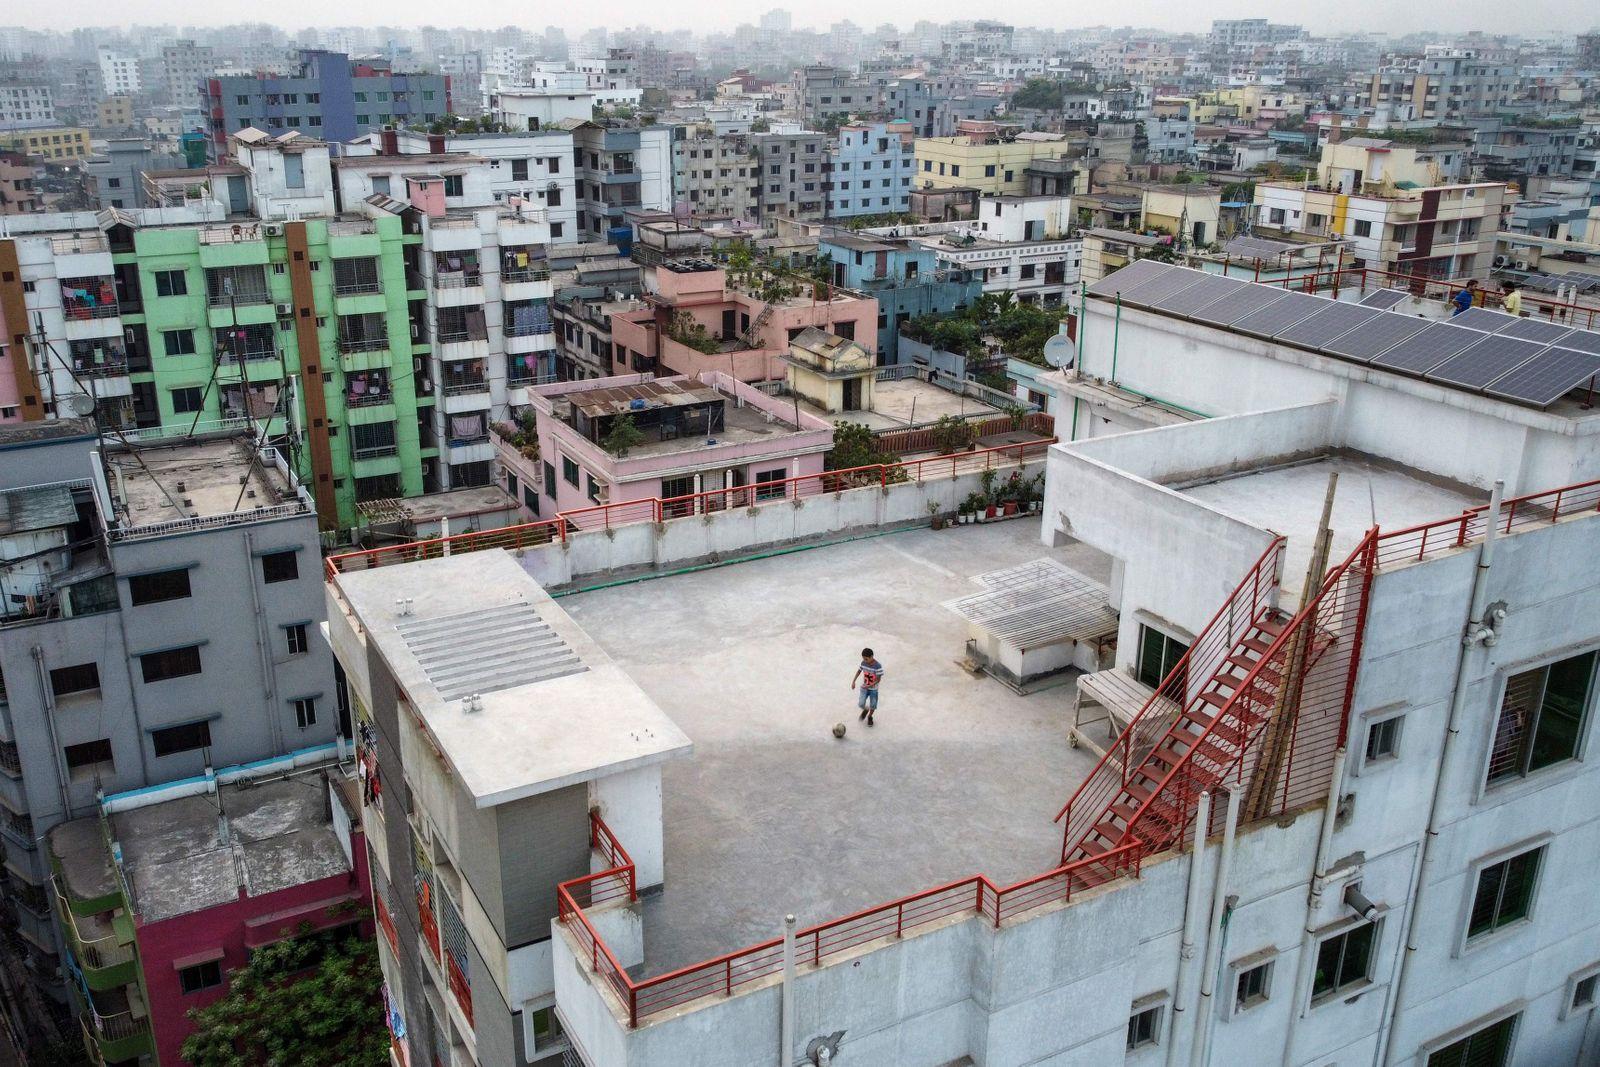 TOPSHOT-BANGLADESH-WORLD-HEALTH-VIRUS-24HOURS-PHOTO ESSAY